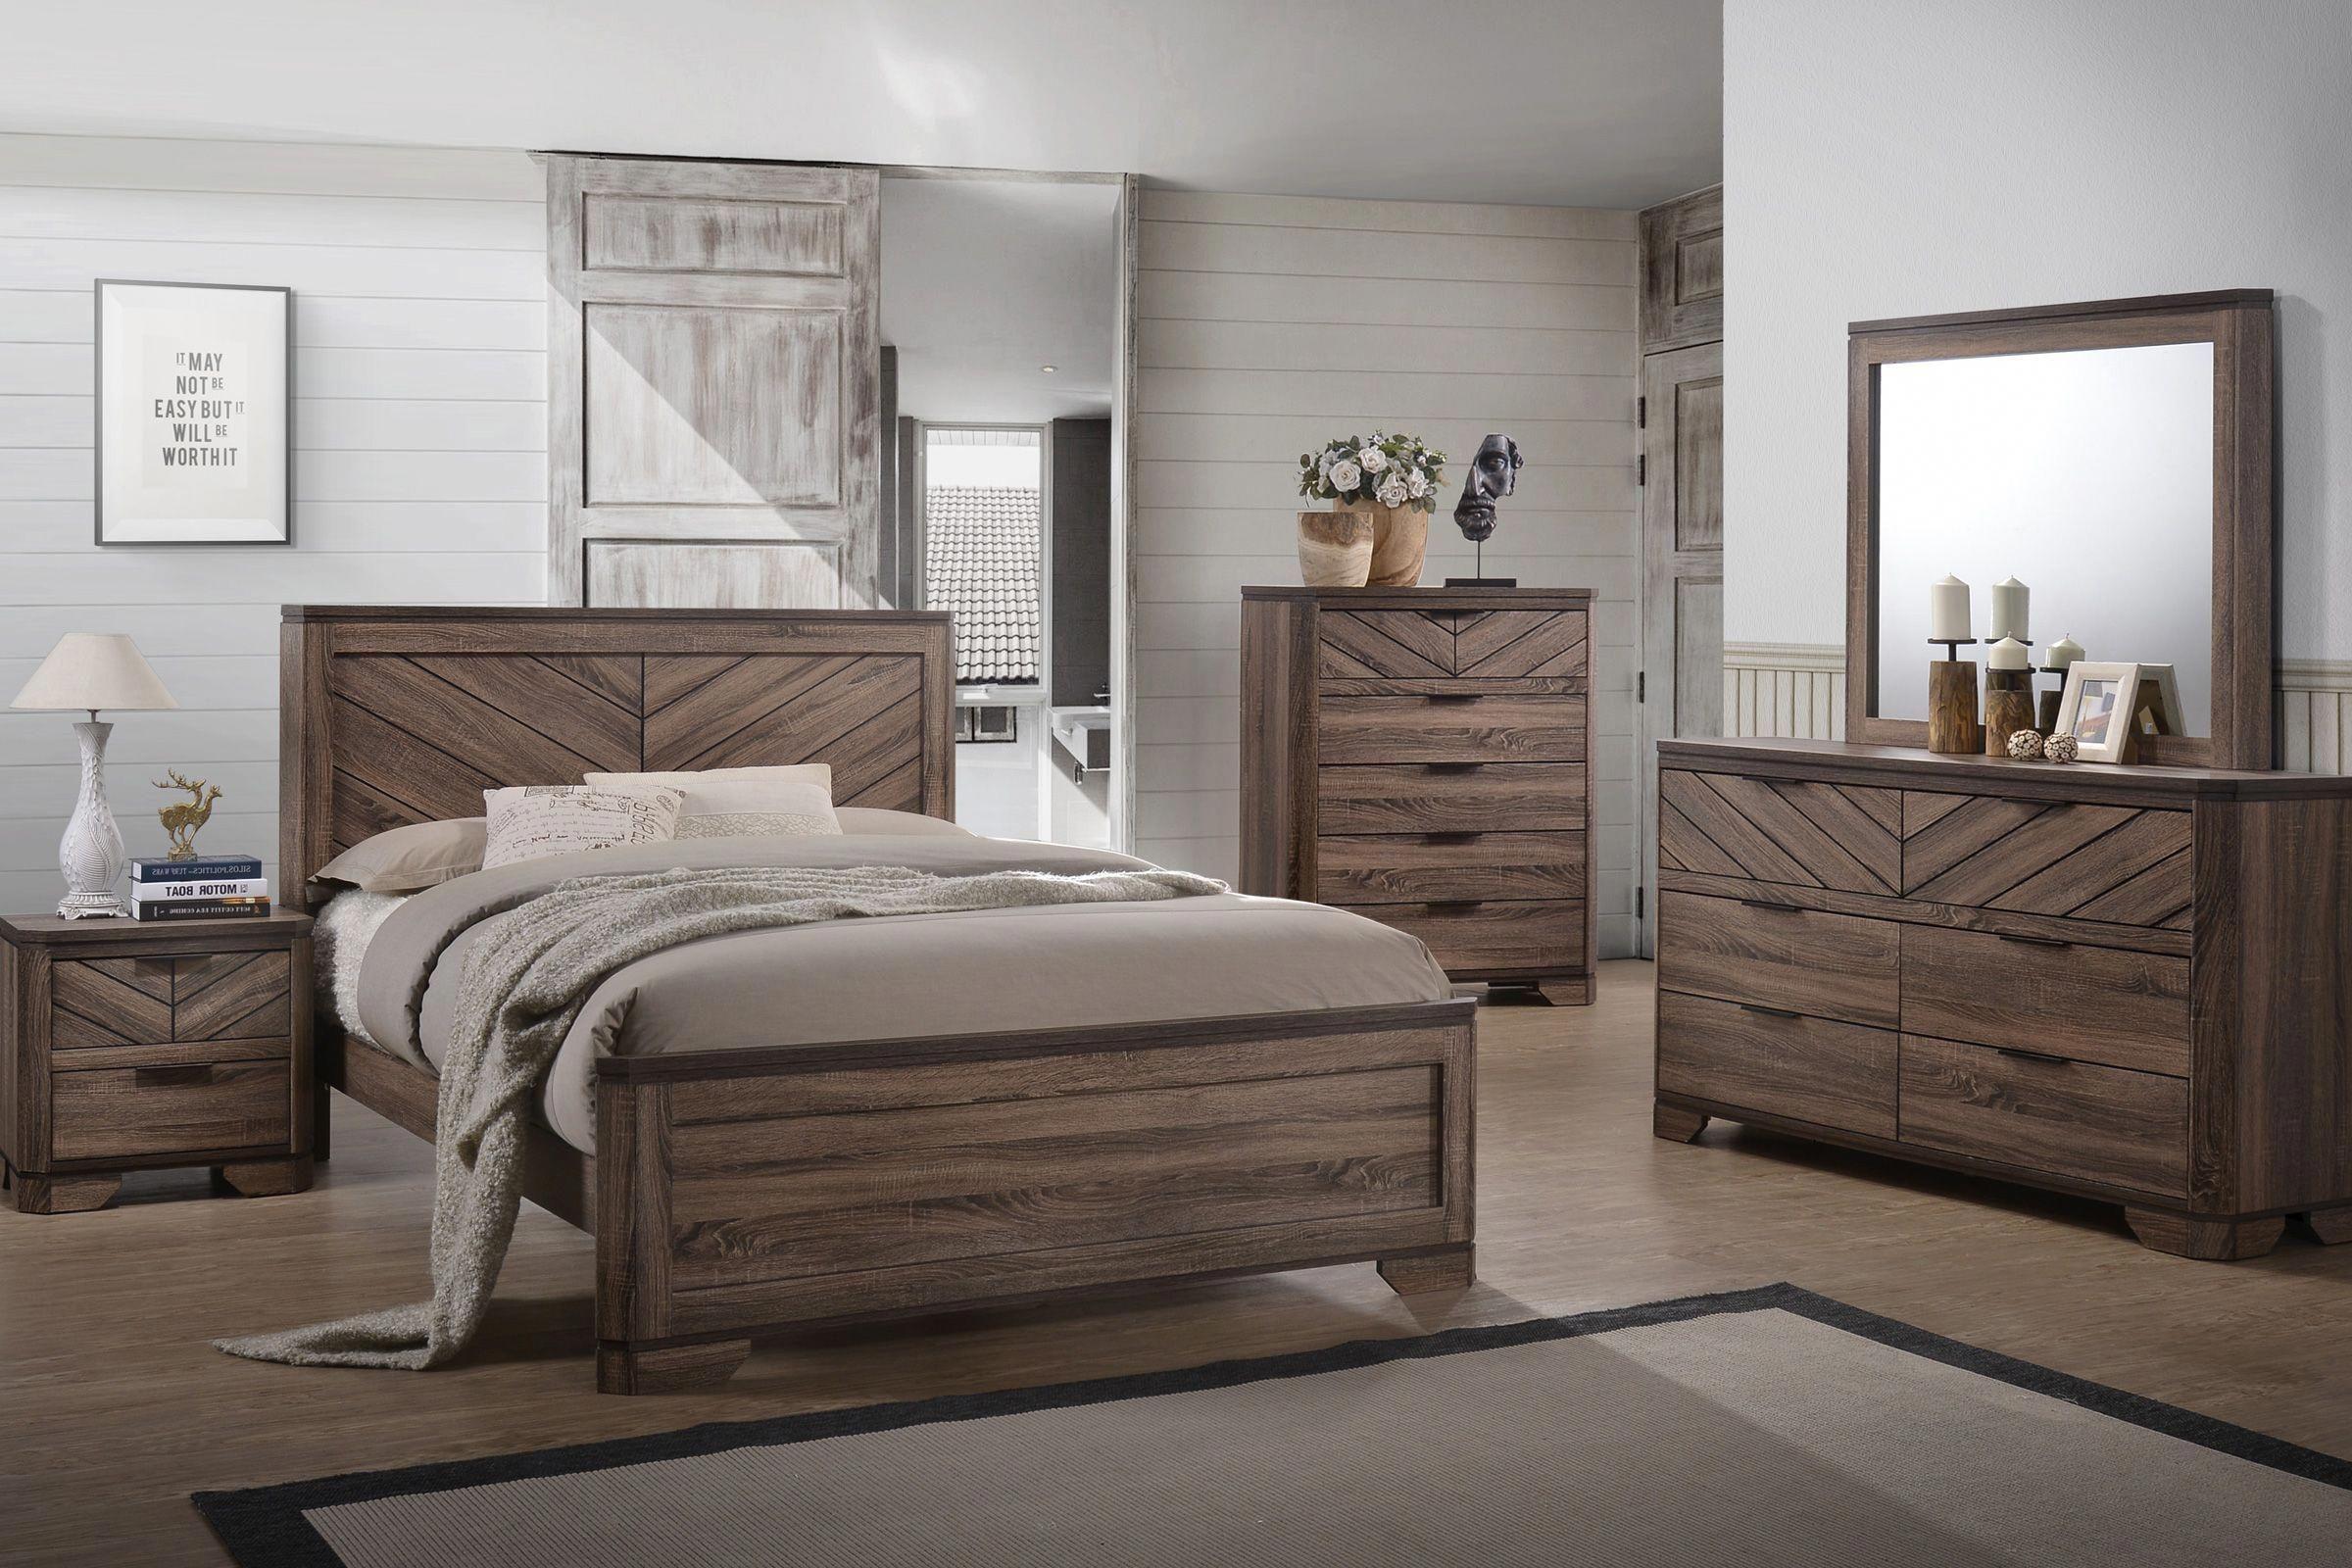 Seaburg 5Piece King Bedroom Set at GardnerWhite King